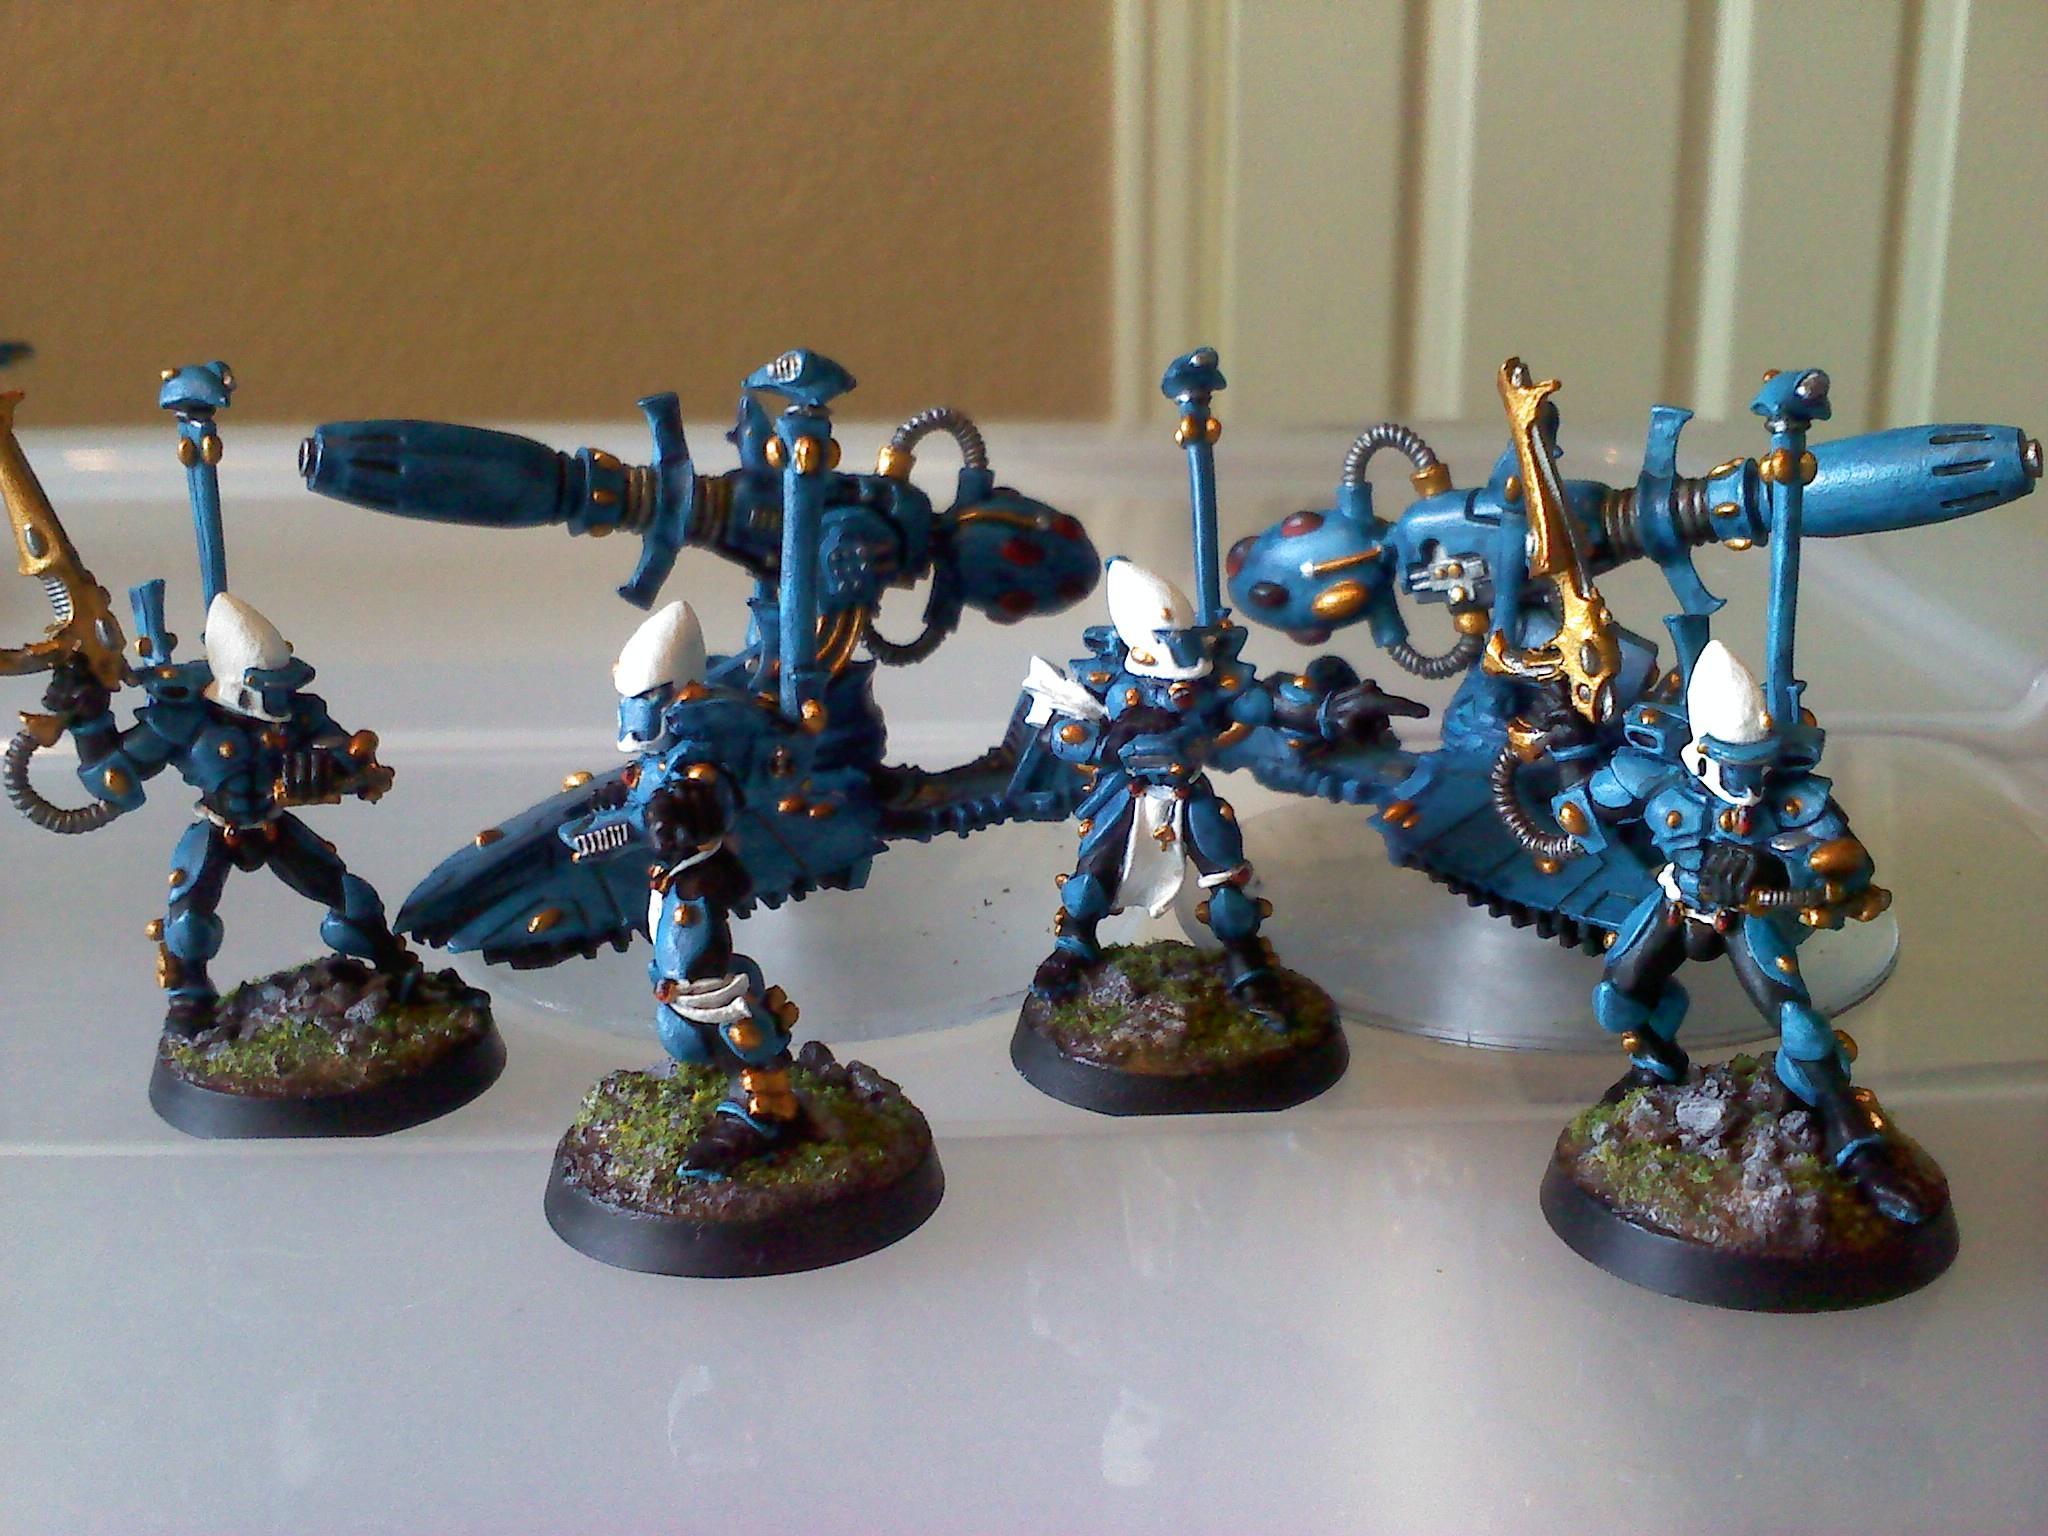 Craftworld, D-cannon, Distortion Cannon, Eldar, Uaire-nem